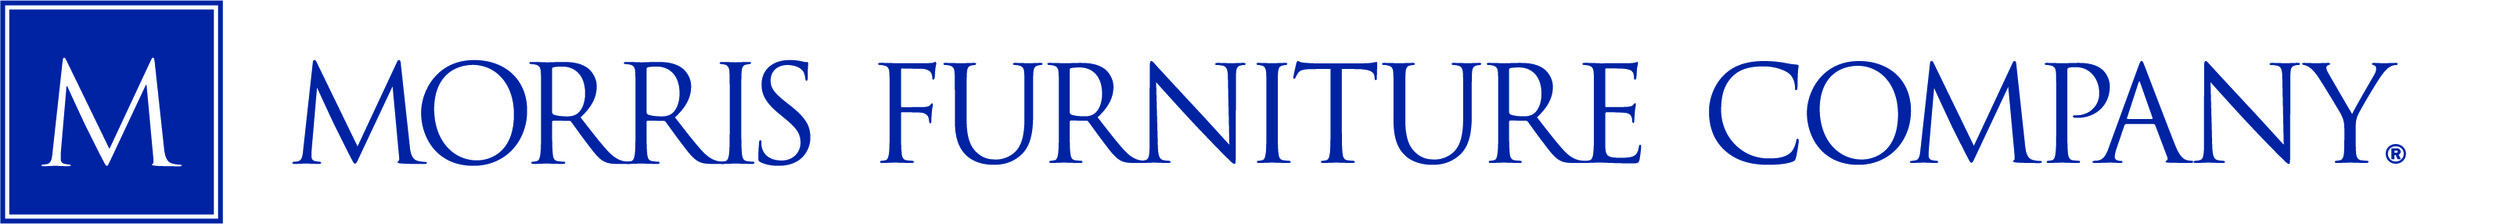 MFC_Line_Logo_Fill_cmyk.jpg